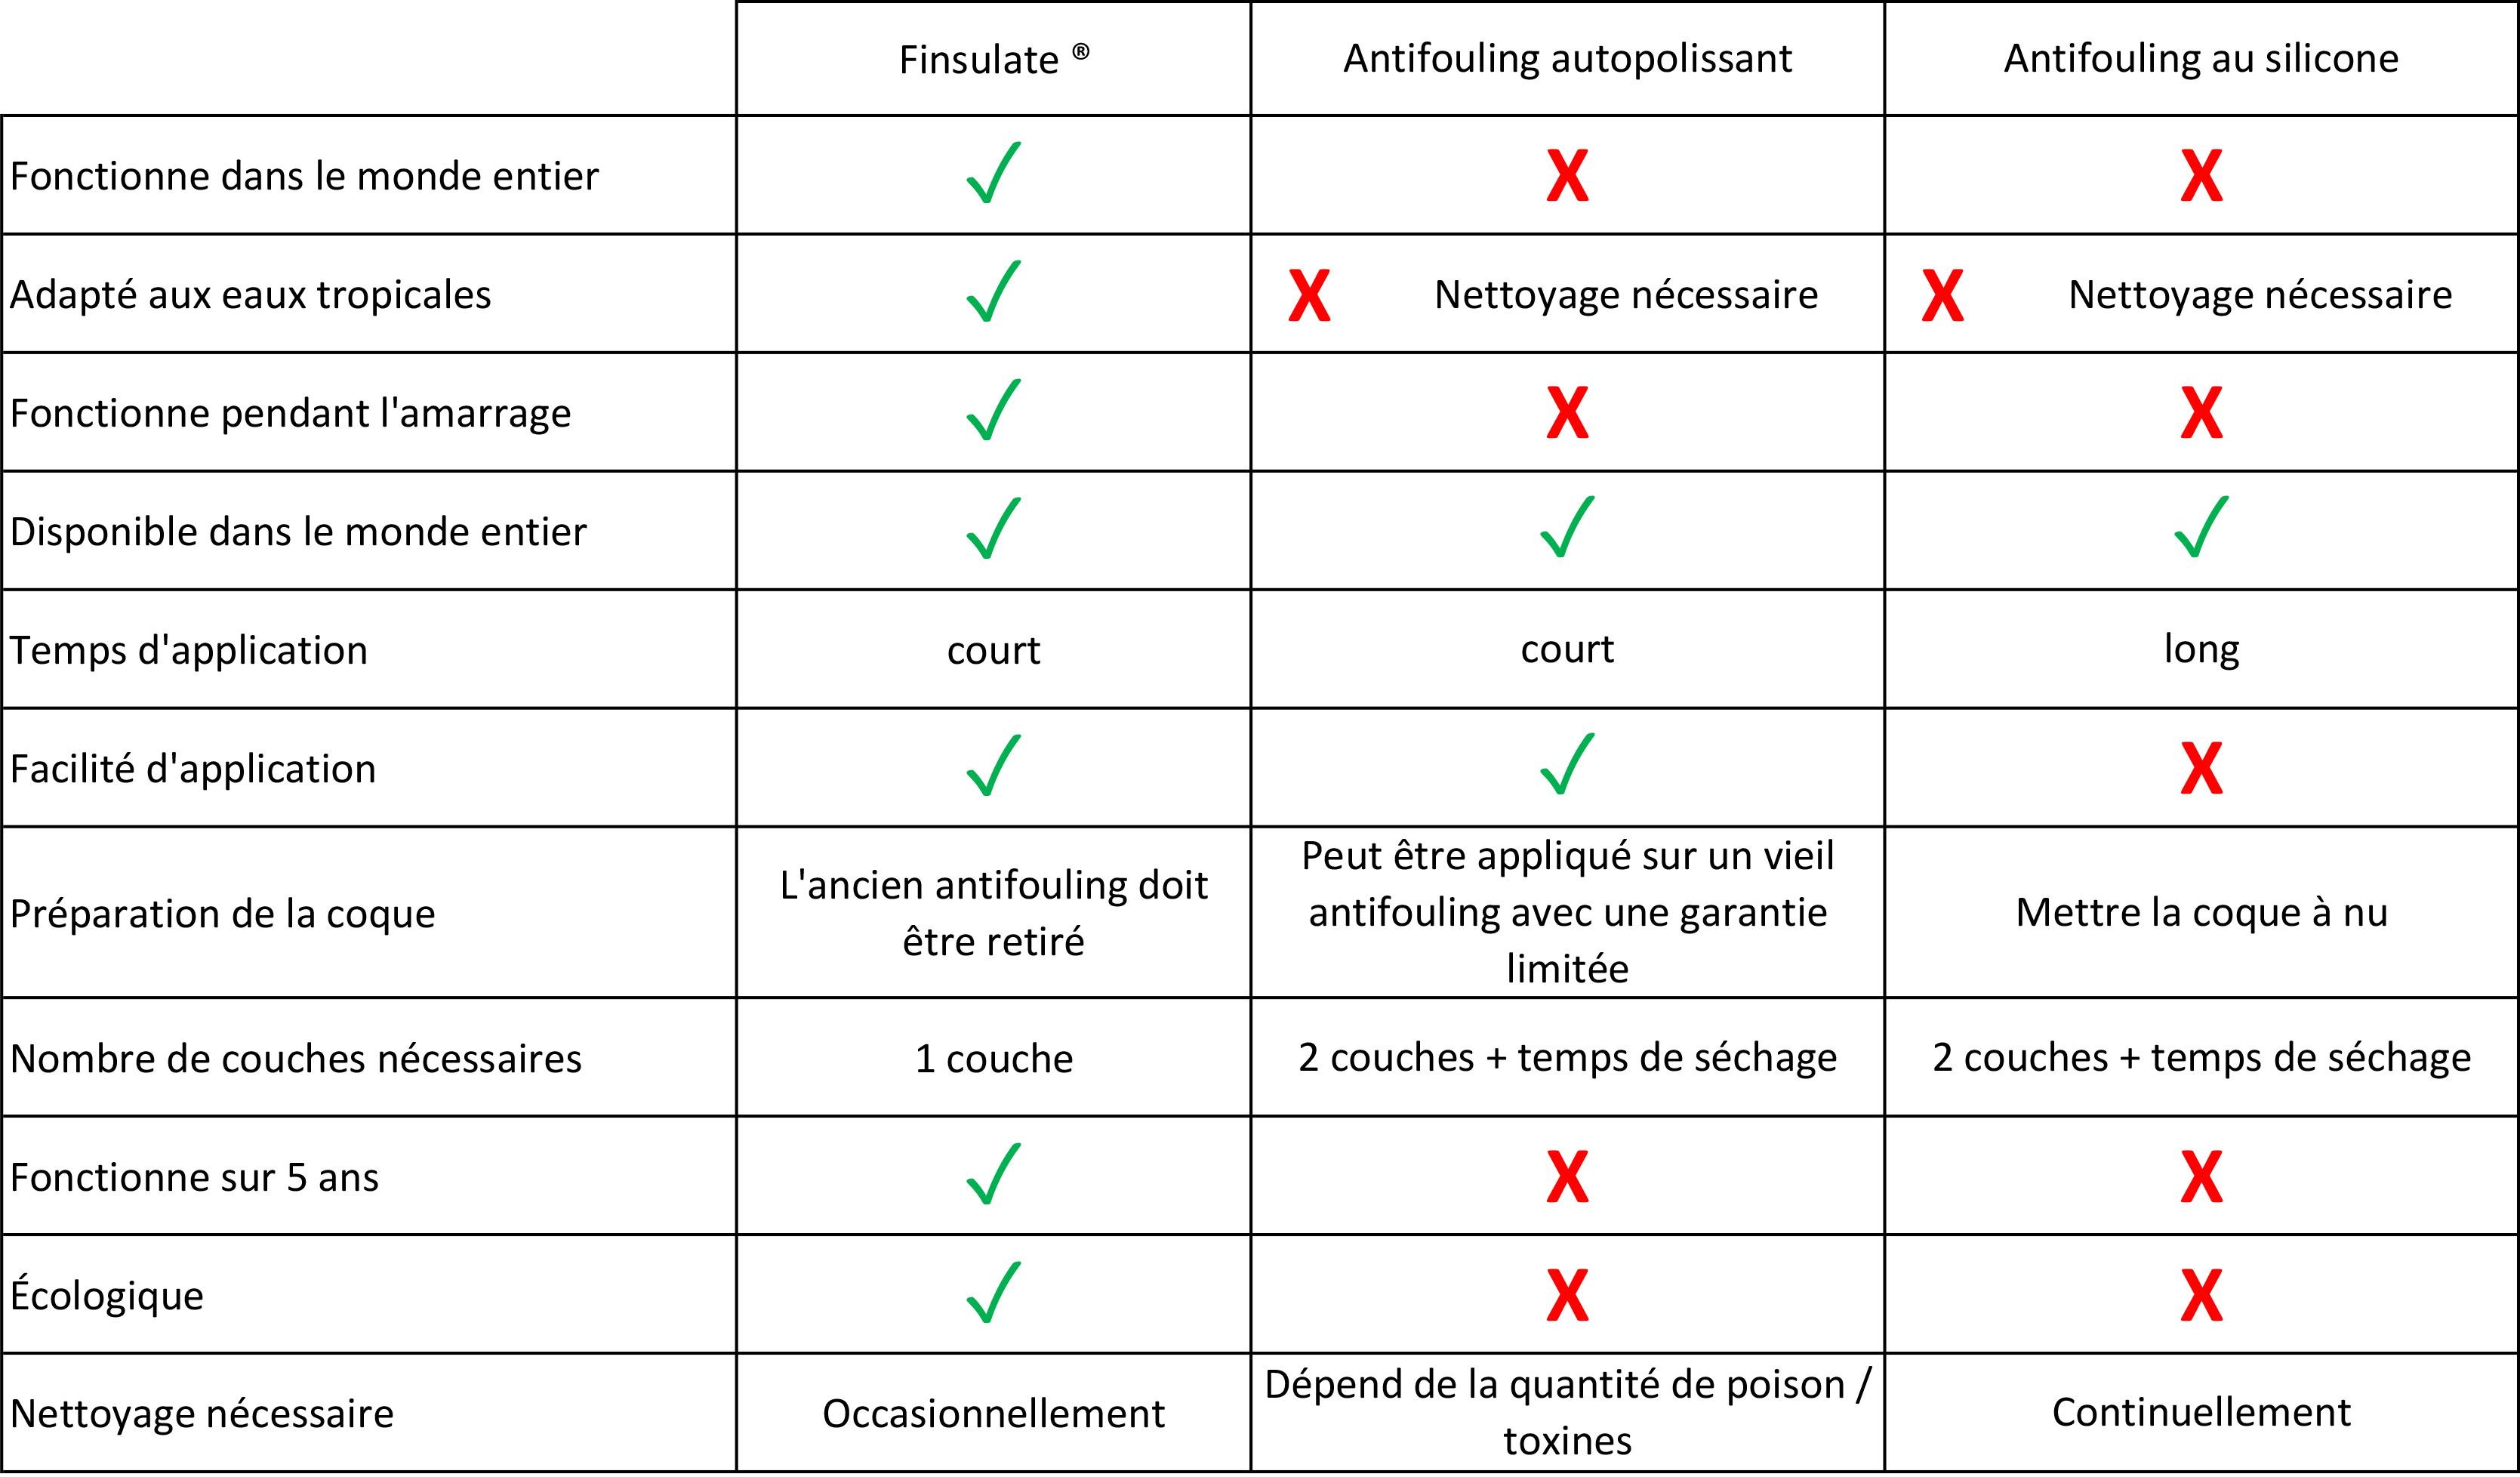 avantage-finsulate-antifouling-ecologique-environnement